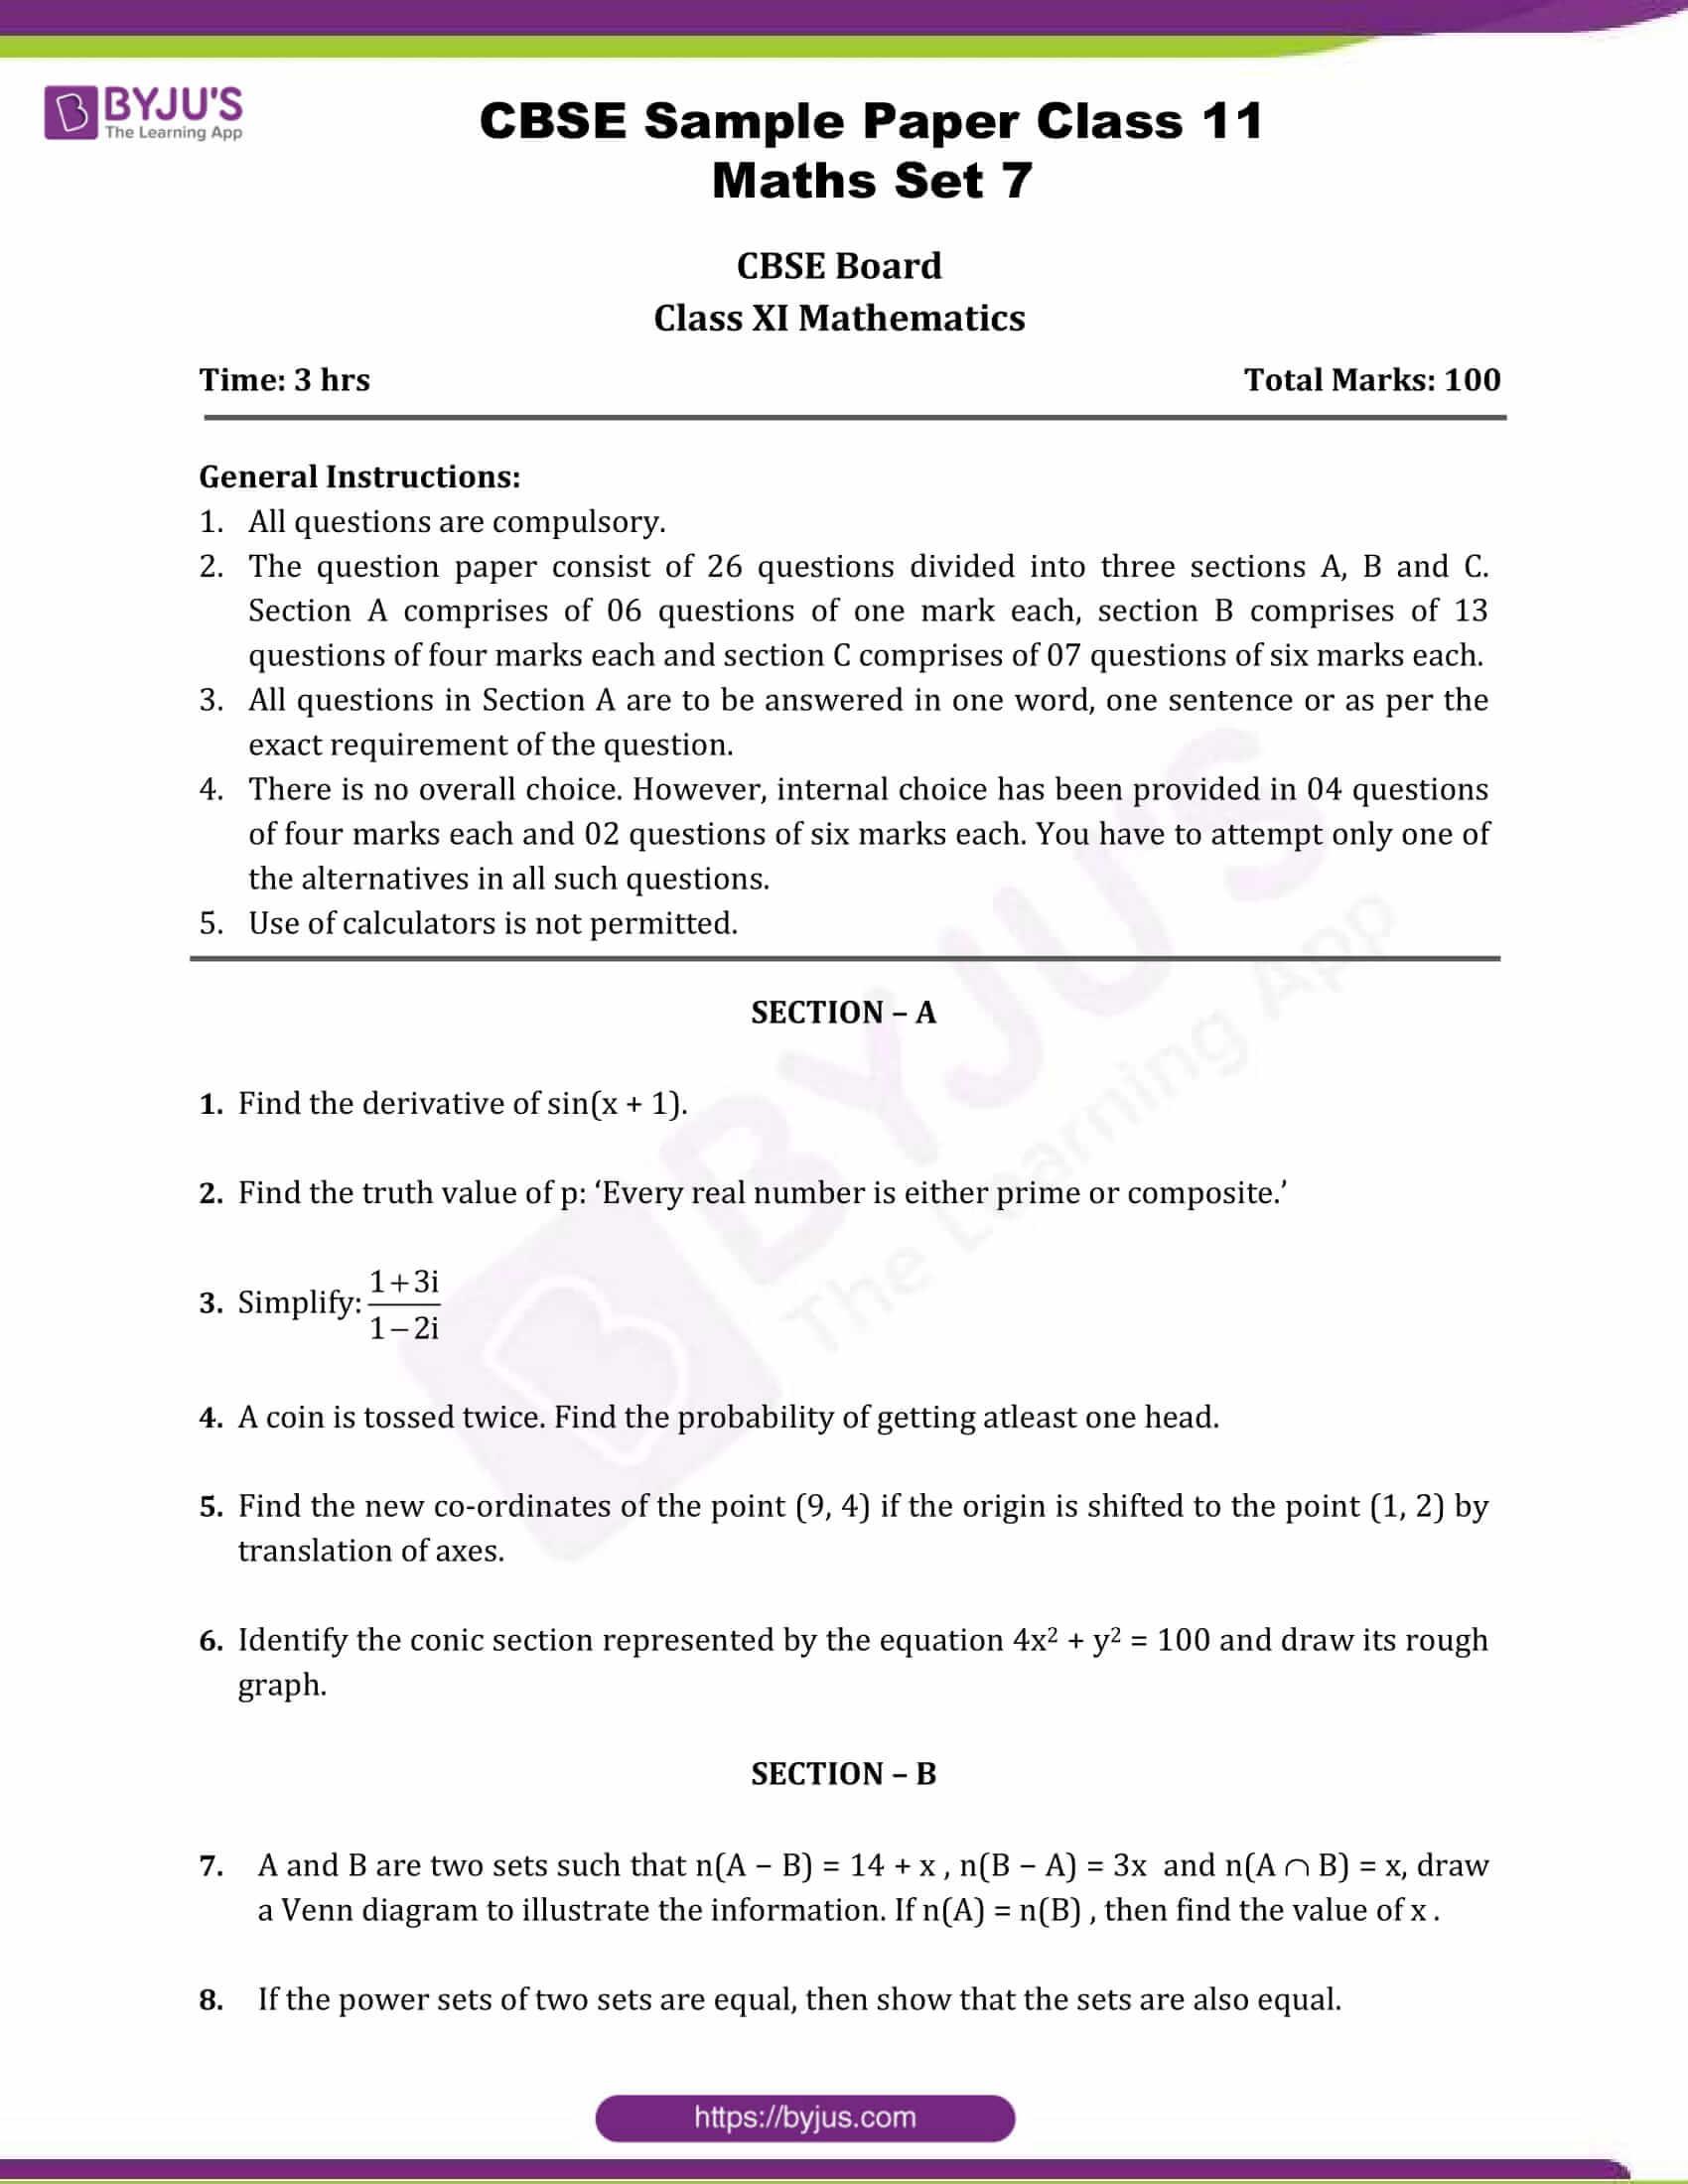 cbse sample paper class 11 maths set 7